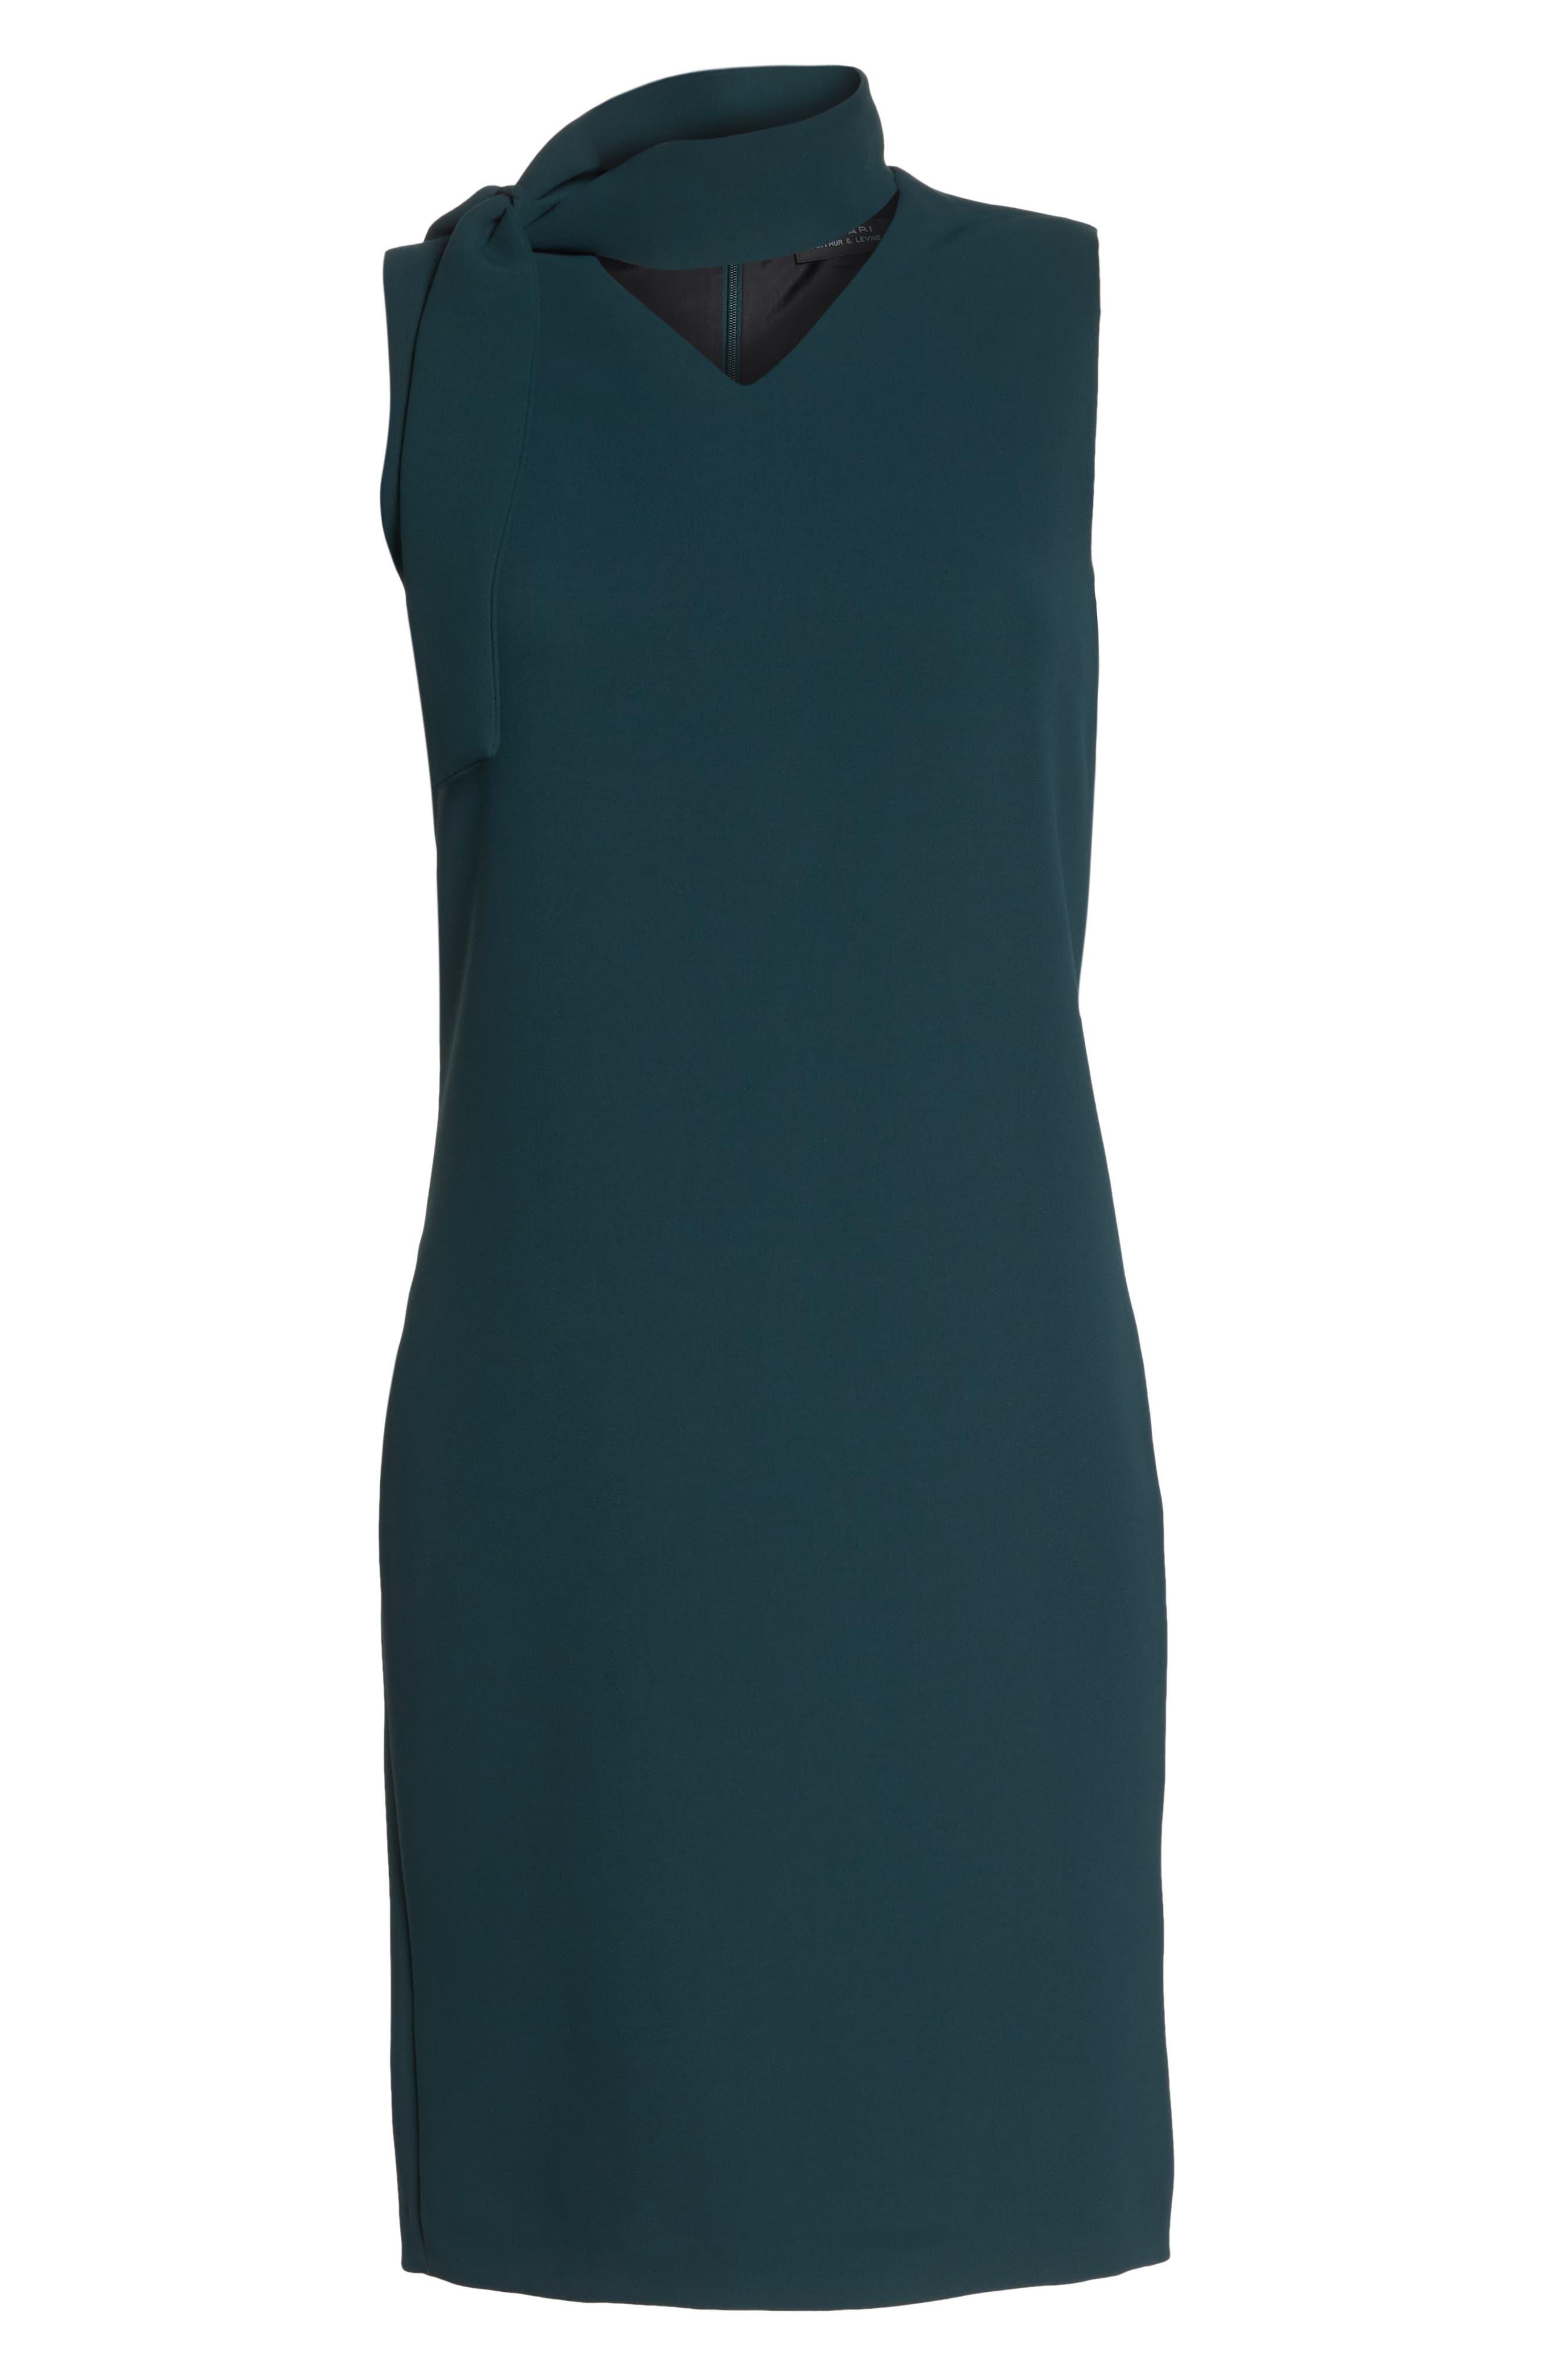 Sleeveless Choker Neck Crepe Shift Dress,                             Alternate thumbnail 7, color,                             BOTTLE GREEN